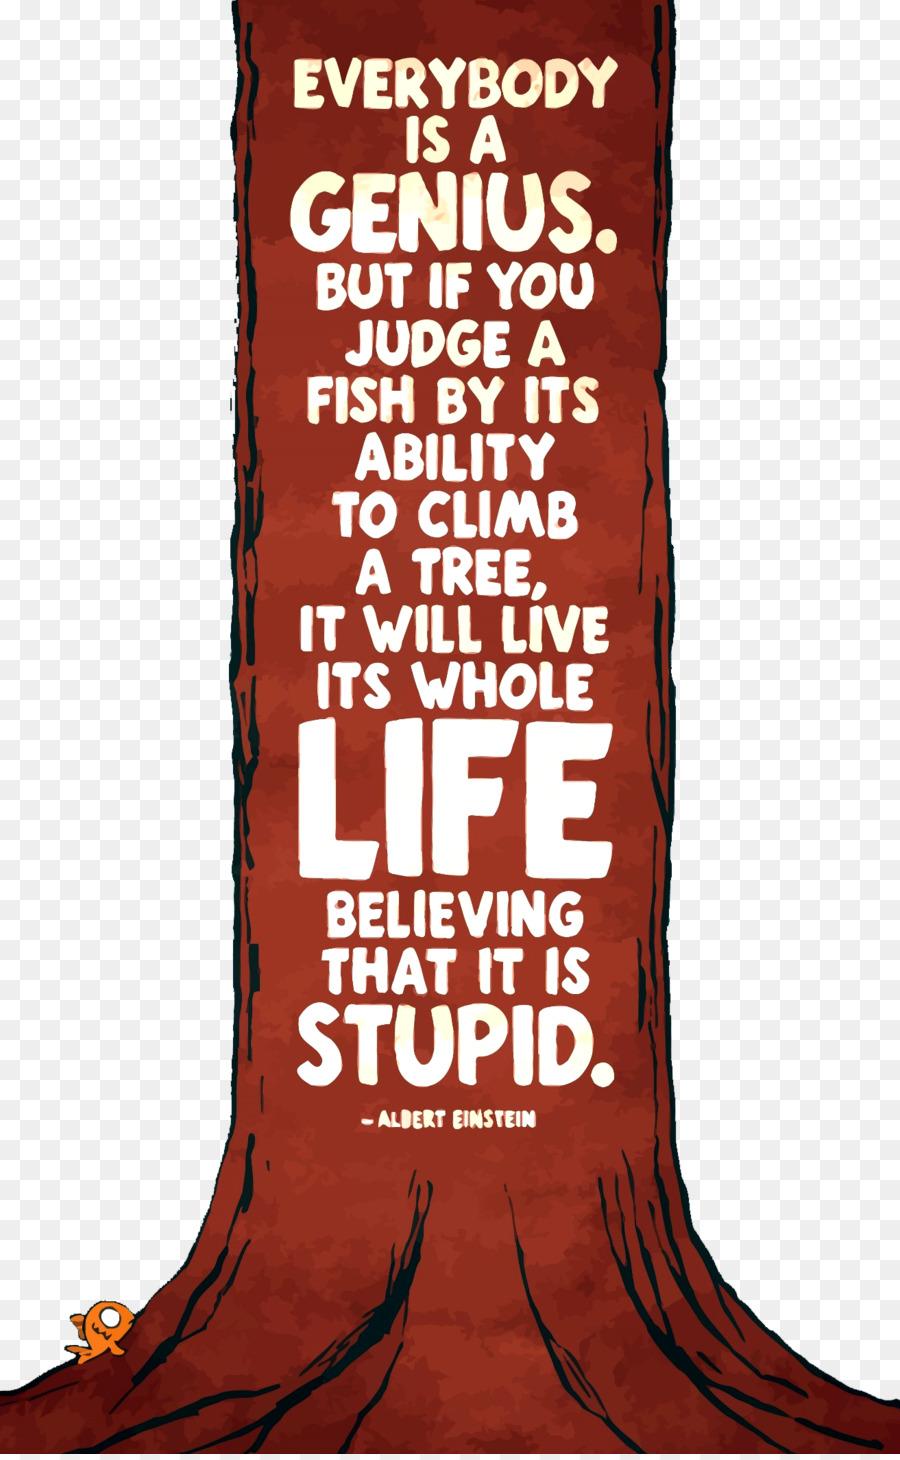 Albert Einstein Zitate Baum Fisch Versuchen Sie Nicht Ein